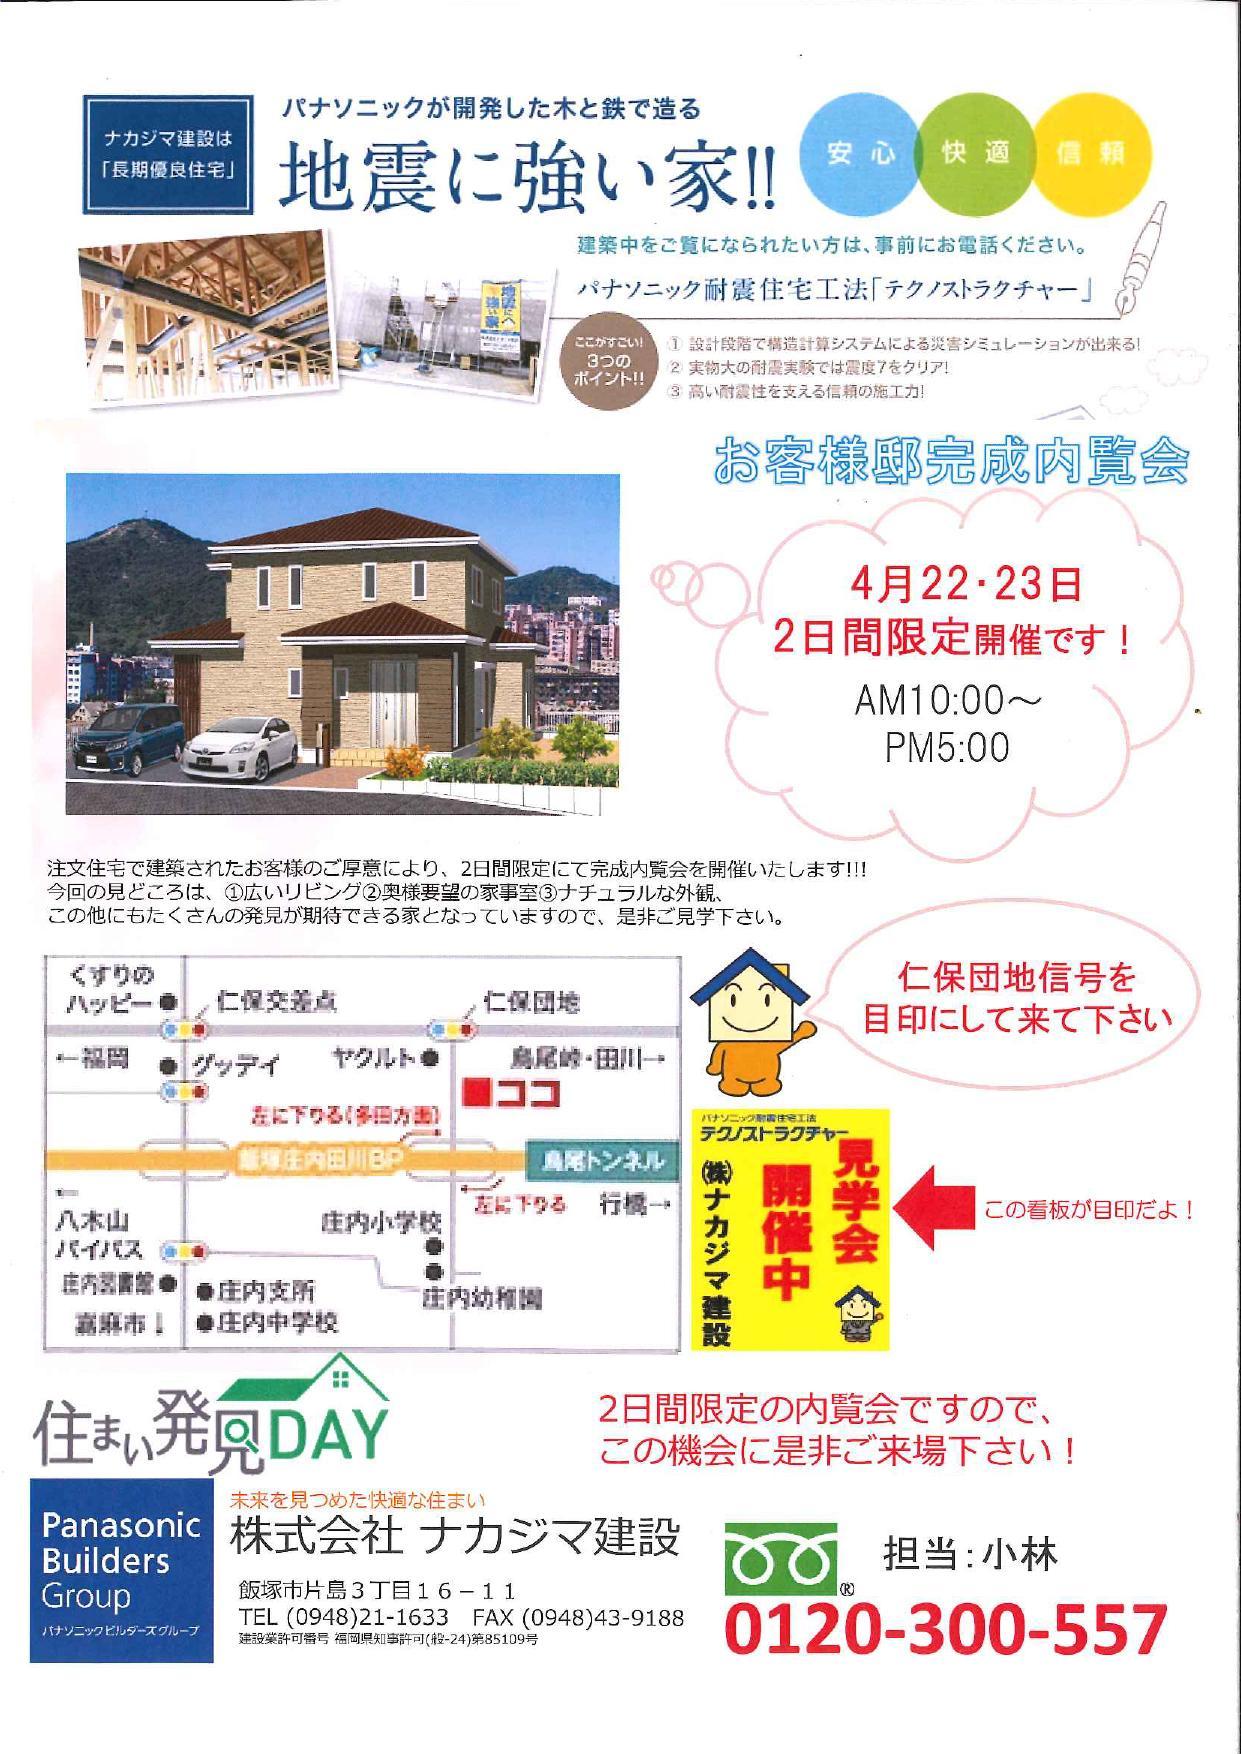 メーターモジュールの家 完成見学会開催!